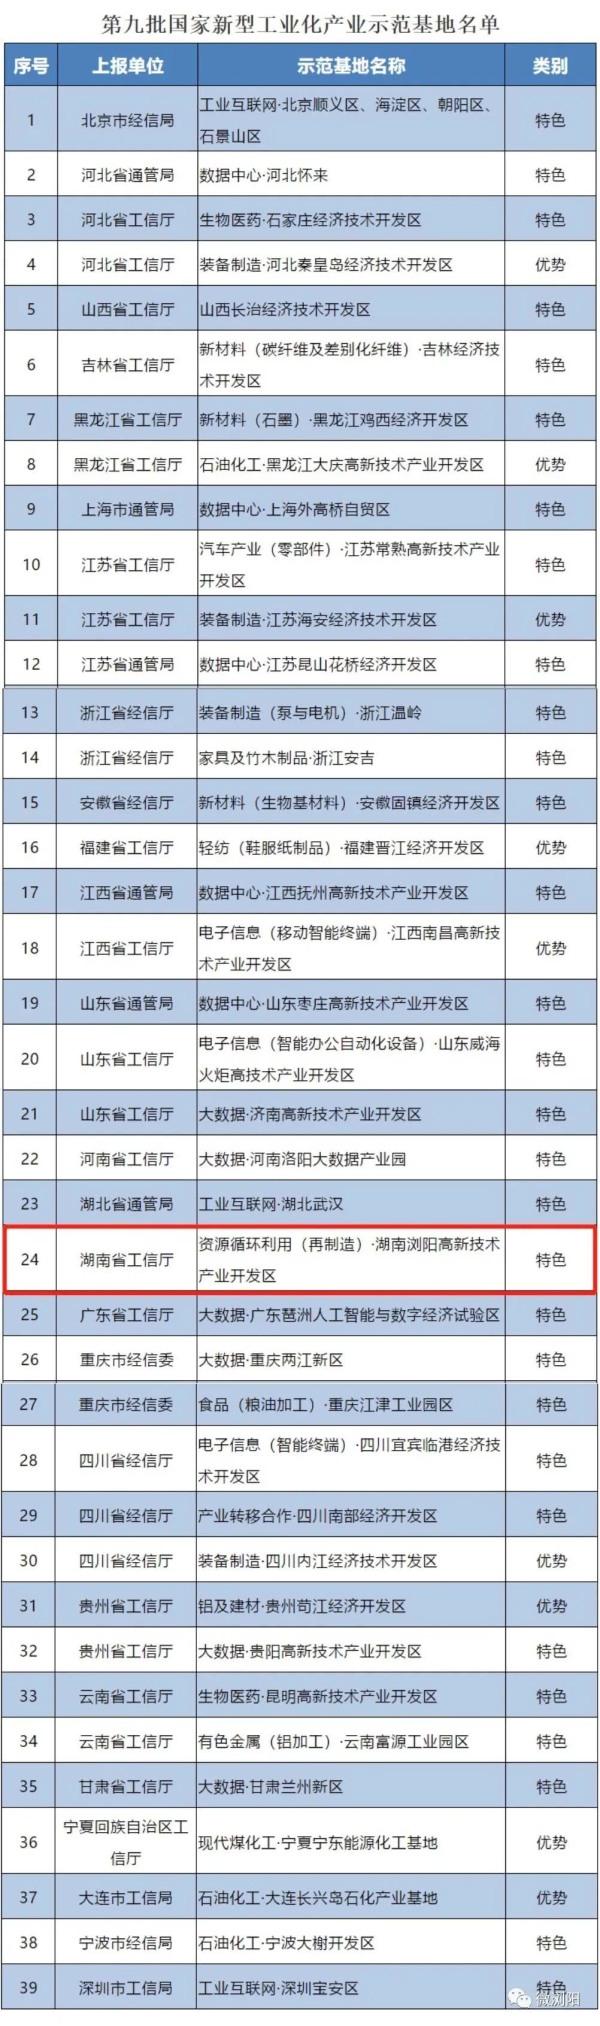 第九批国家新型工业化产业示范基地